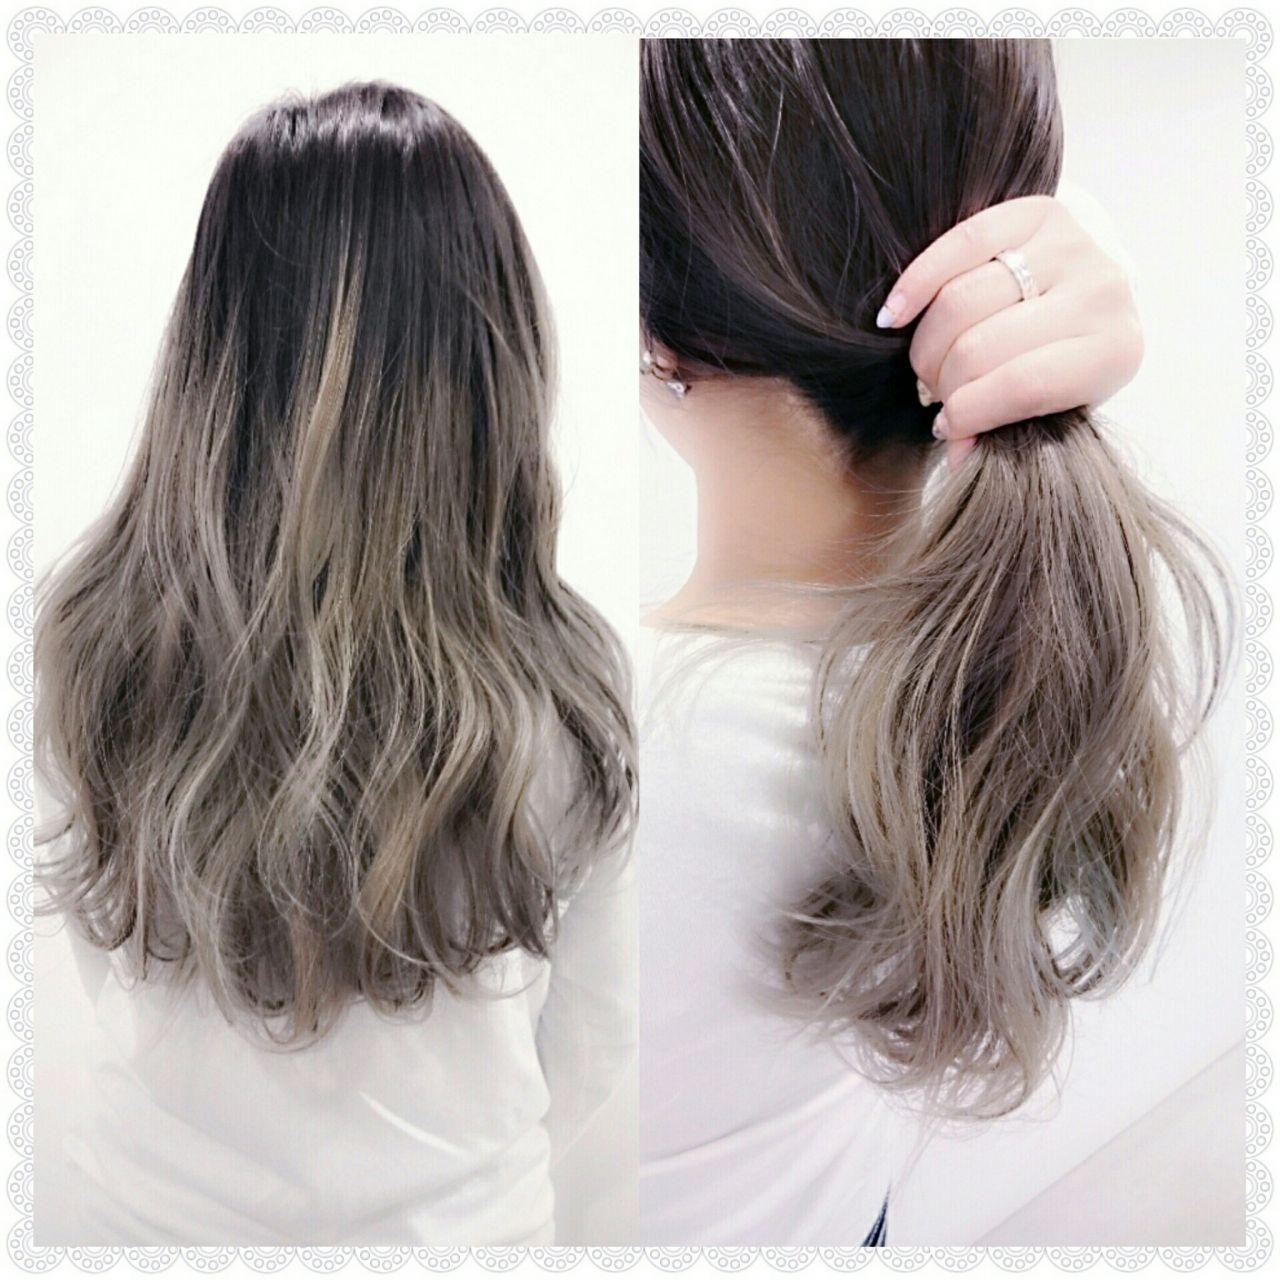 HAIRで人気のスナップをPickup!誰もが憧れるグラデーションカラー。 白川 知博 / KEYMAN